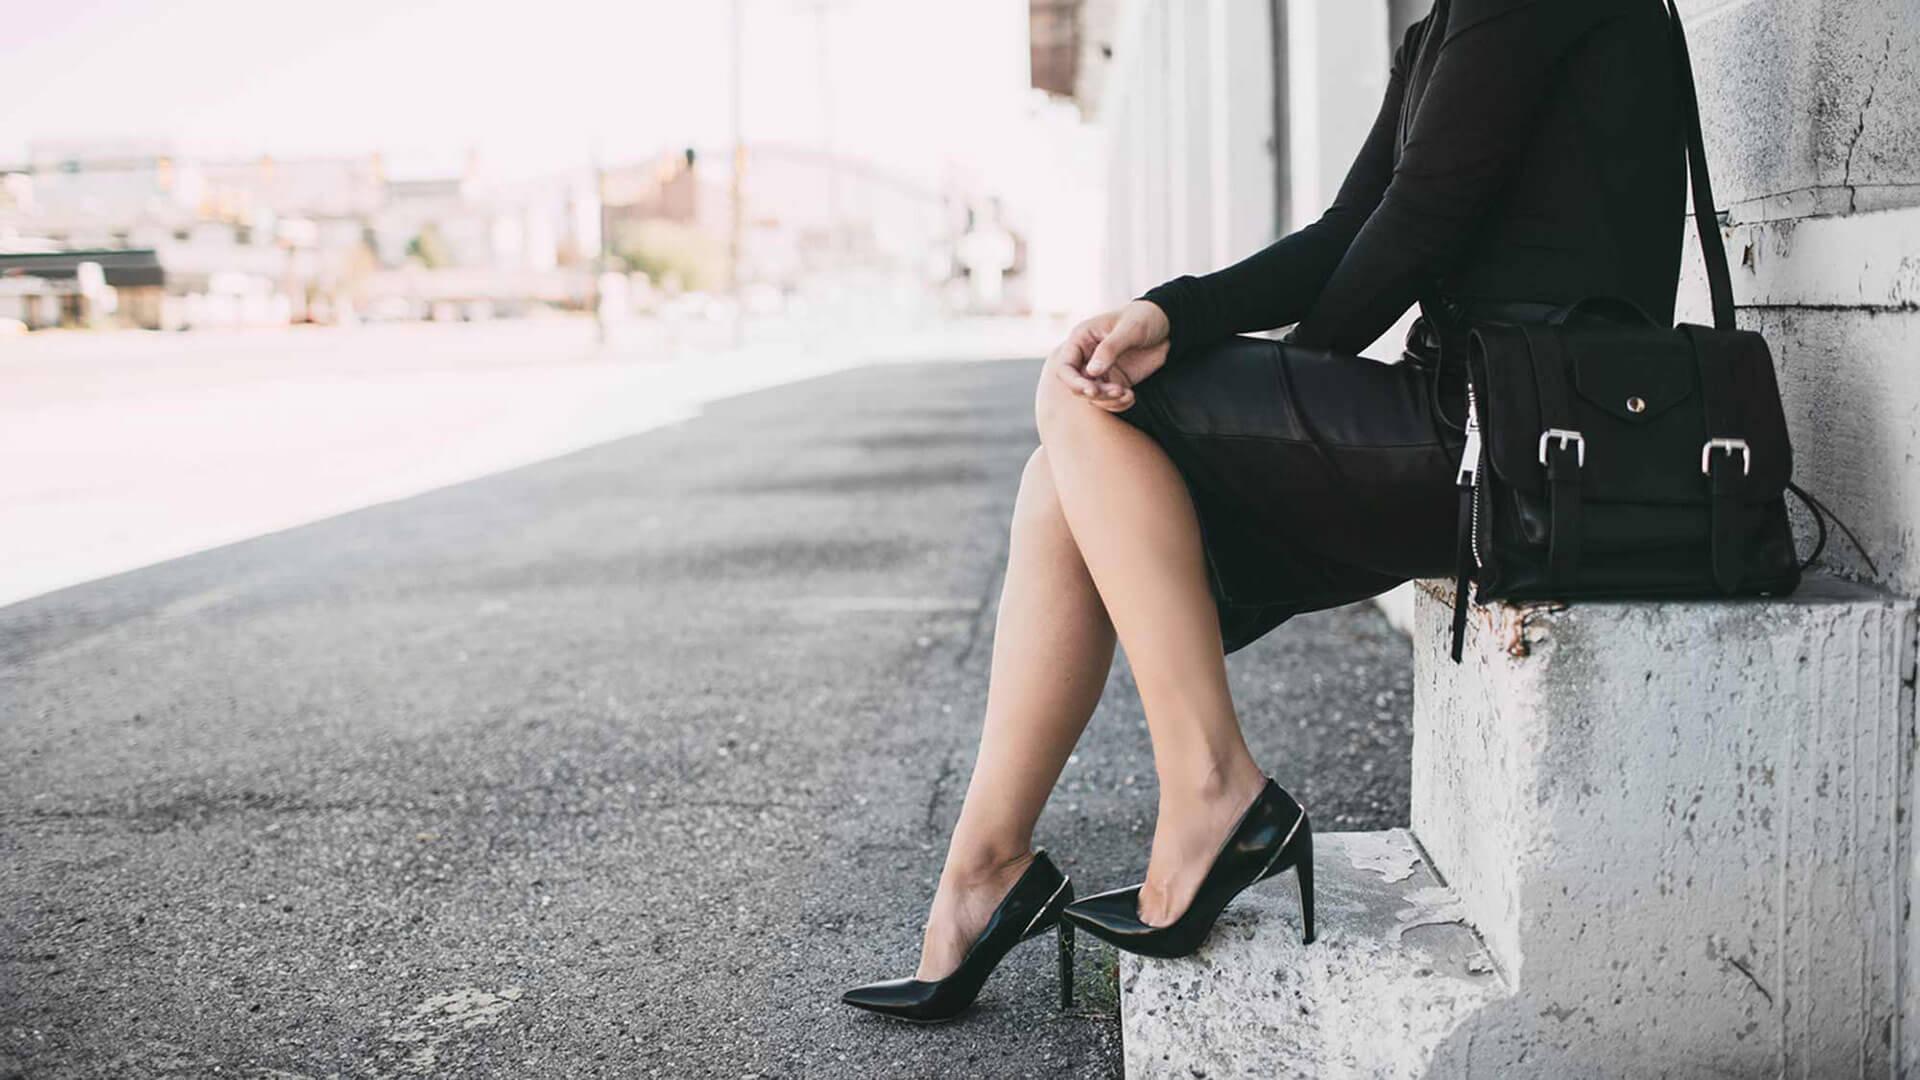 ۷ لباس هایی که بخواهید بعد از روز کاری بپوشید